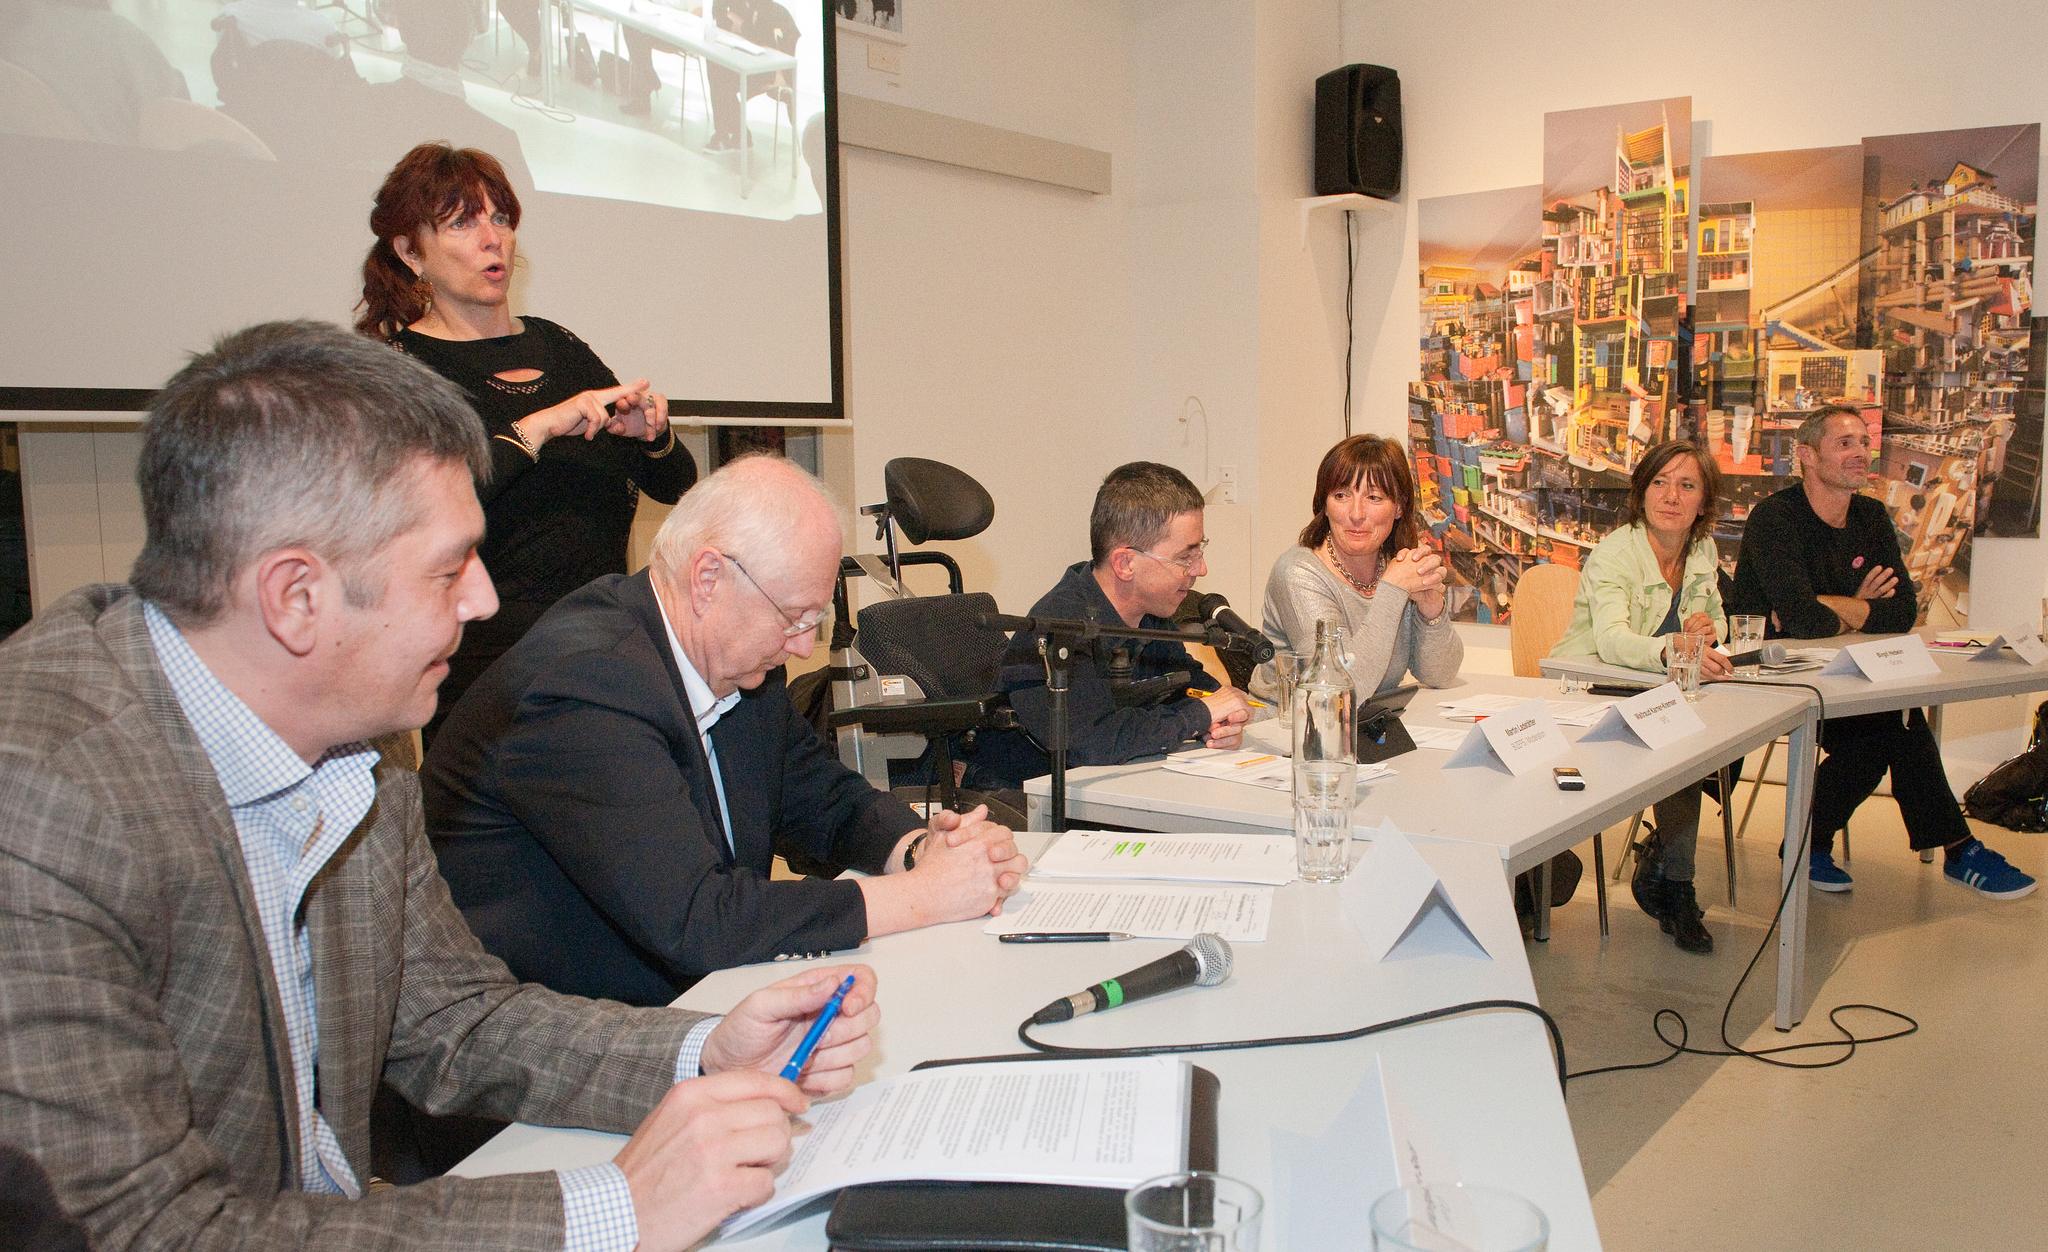 Caritas-Podiumsgespräch zur Wien-Wahl 2015